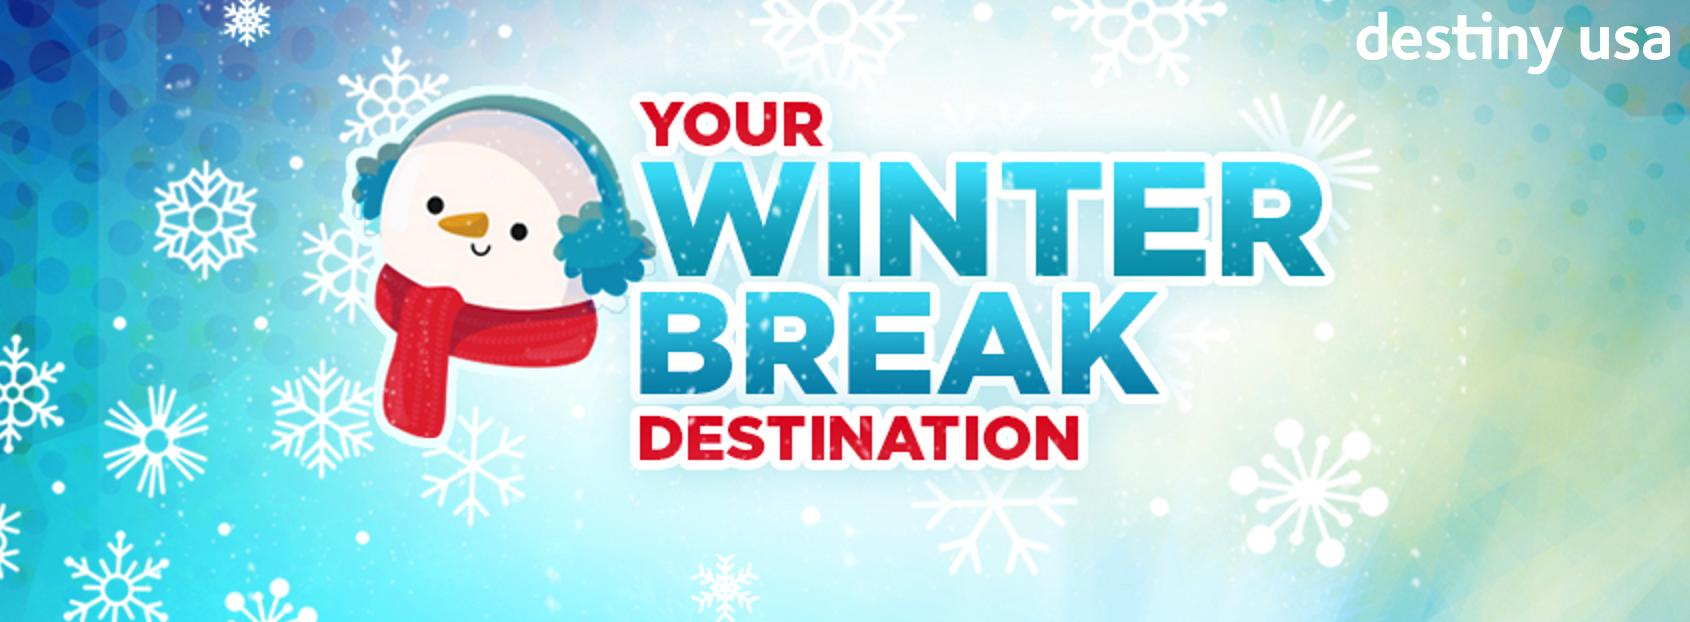 winter break fb header